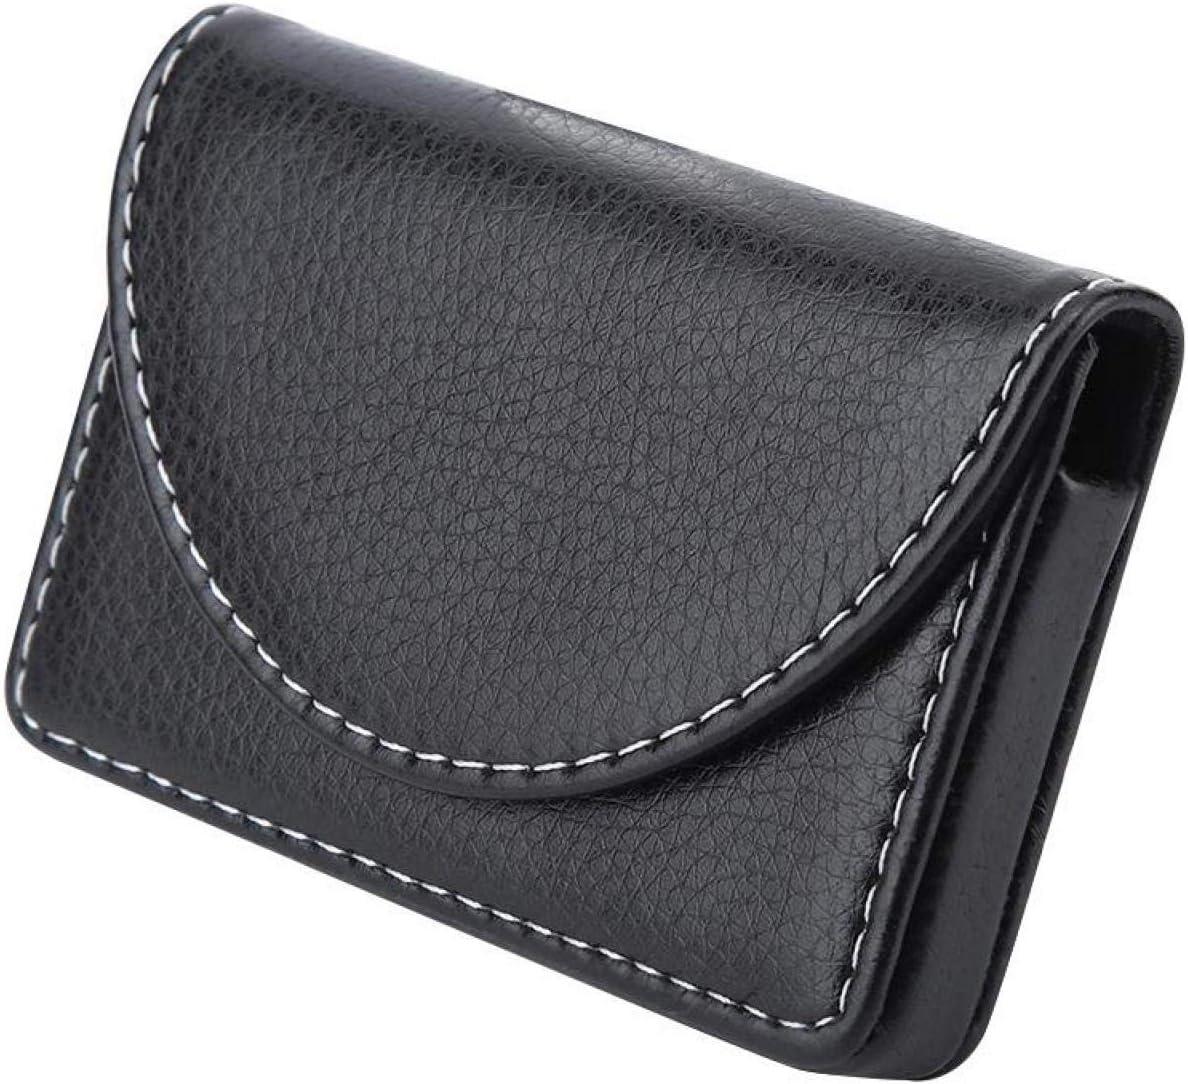 Practical Elegant Lightweight Credit Card Case 106.31.8cm 3.92.50.7in for Men Gift Black